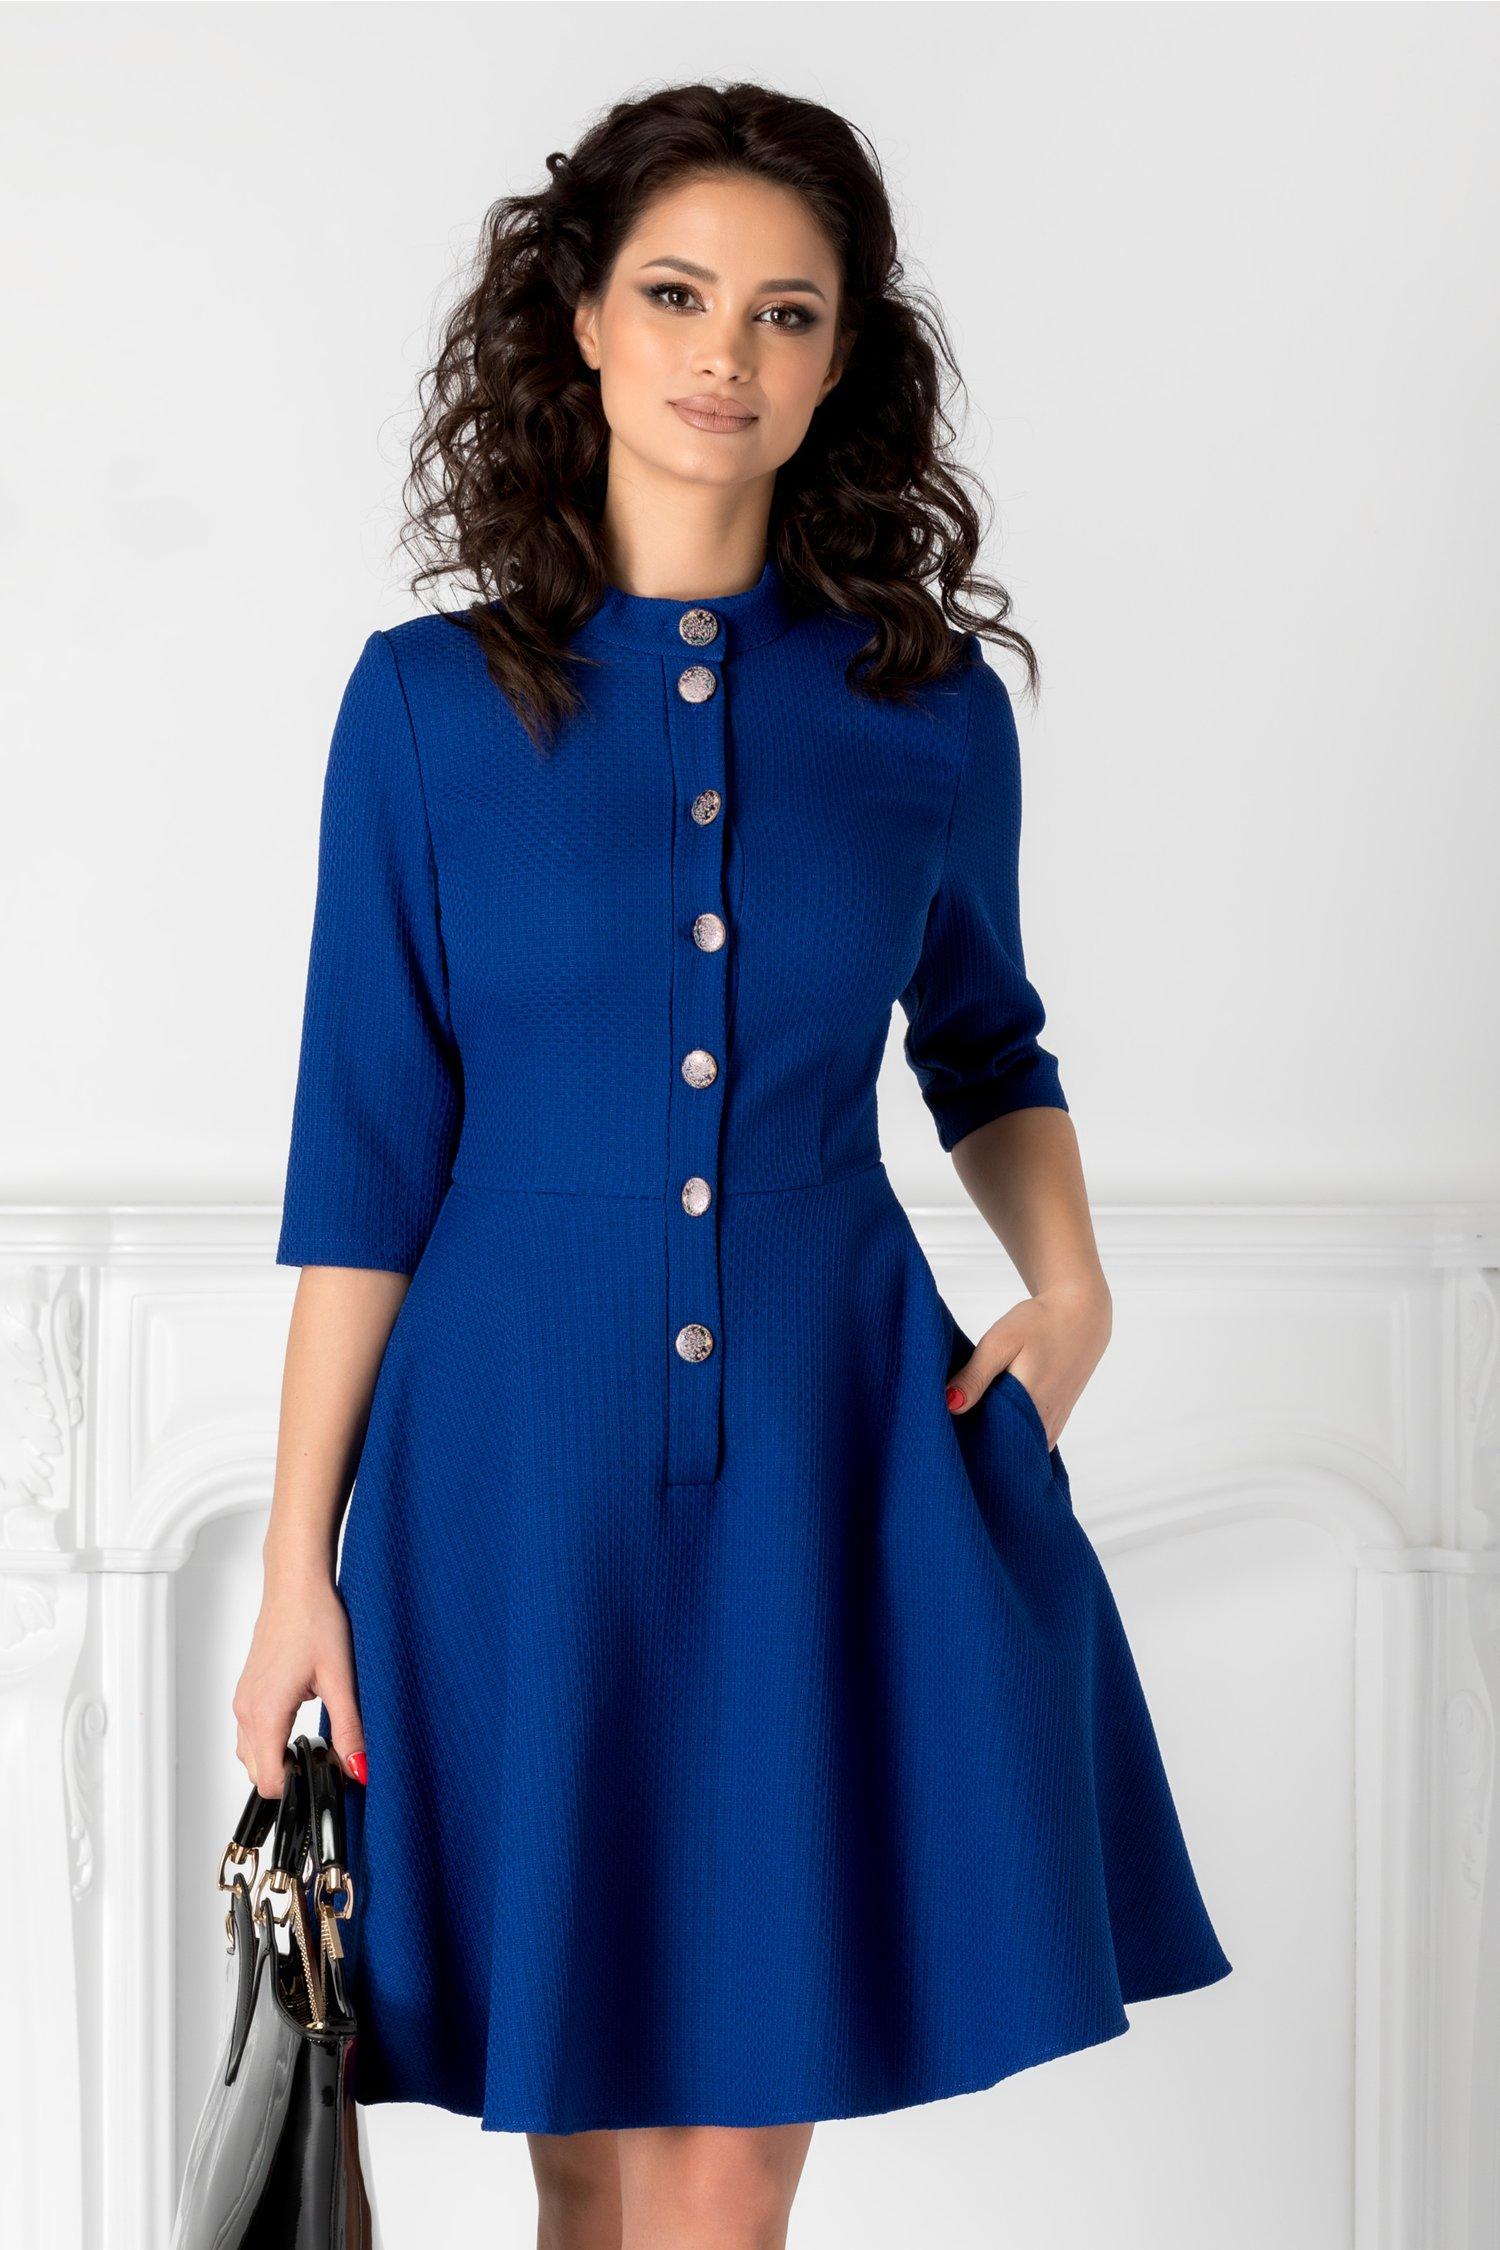 Rochie Hera albastra cu nasturi